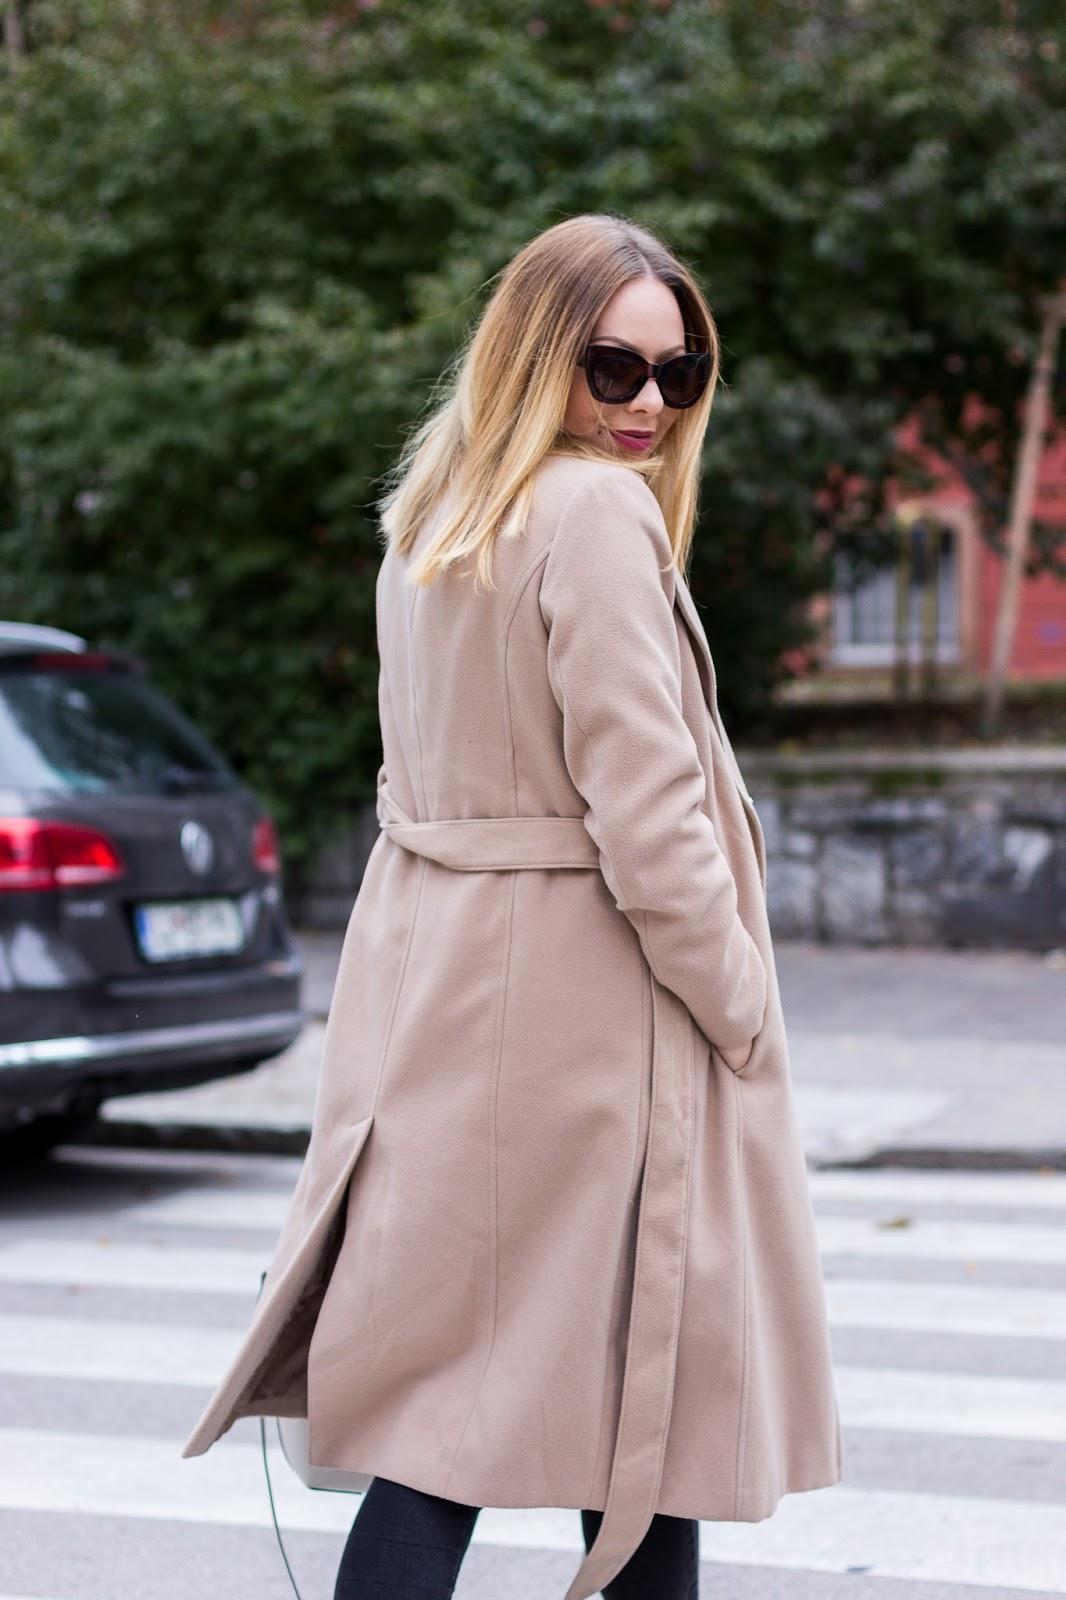 biege coat